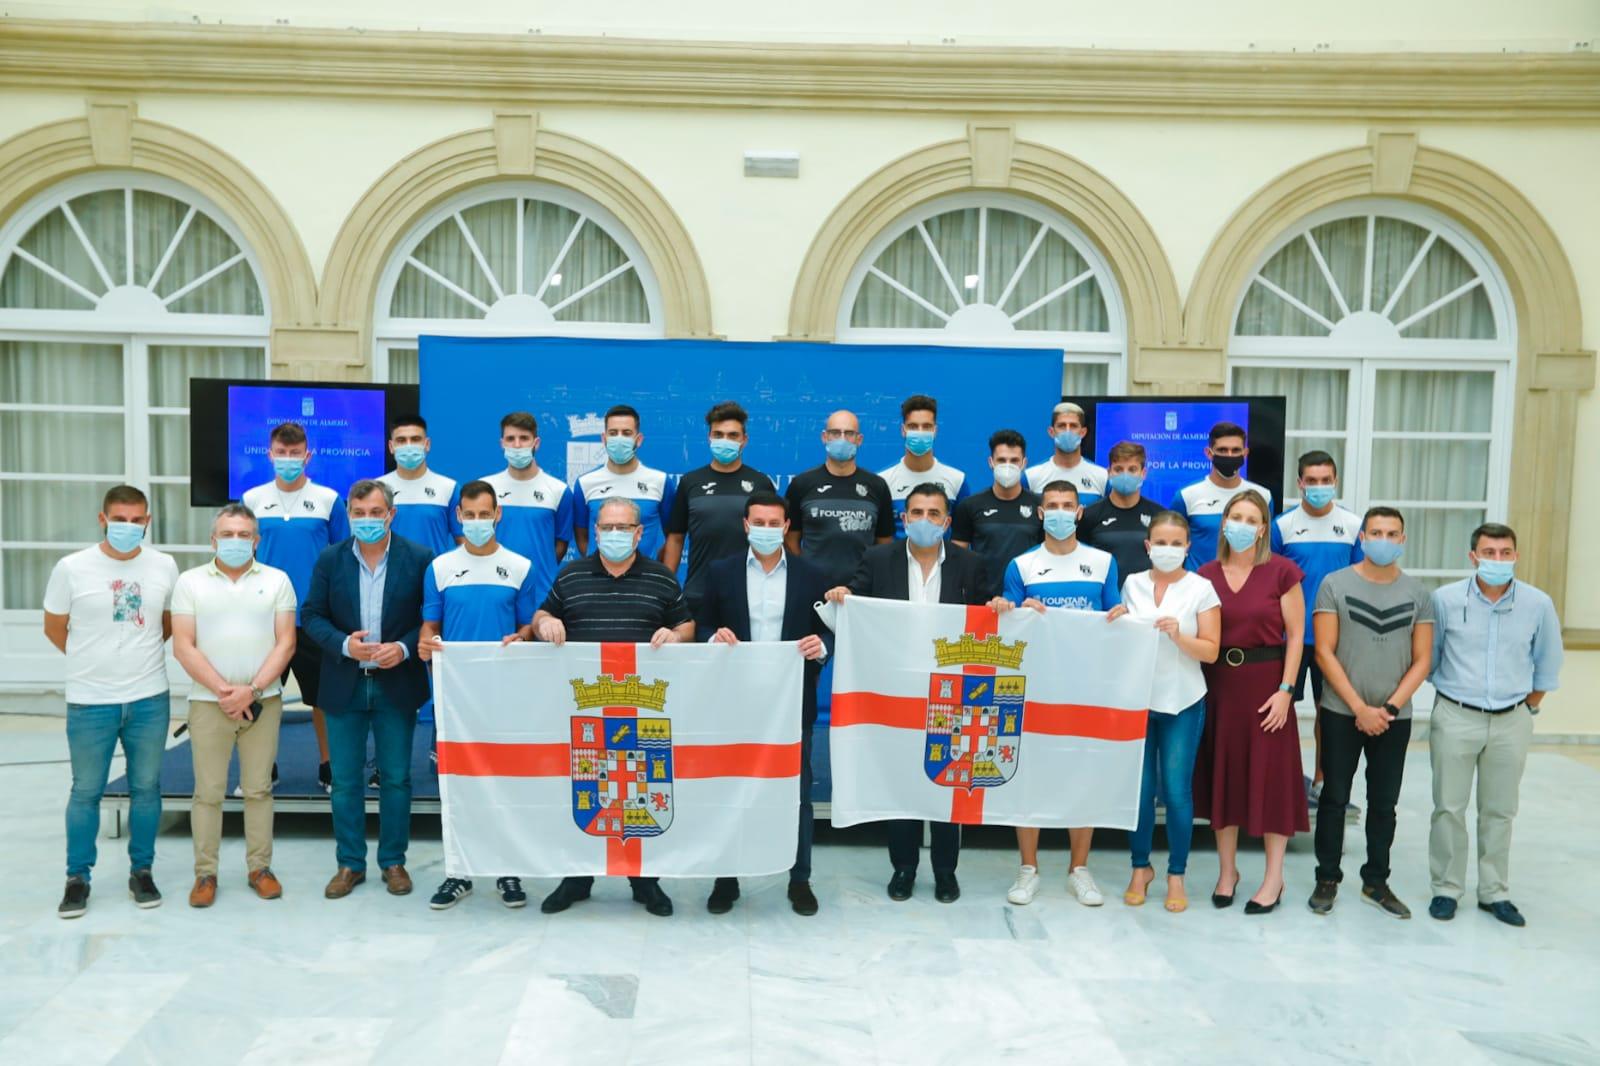 El CD El Ejido ofrece sus ascensos a la provincia de Almería